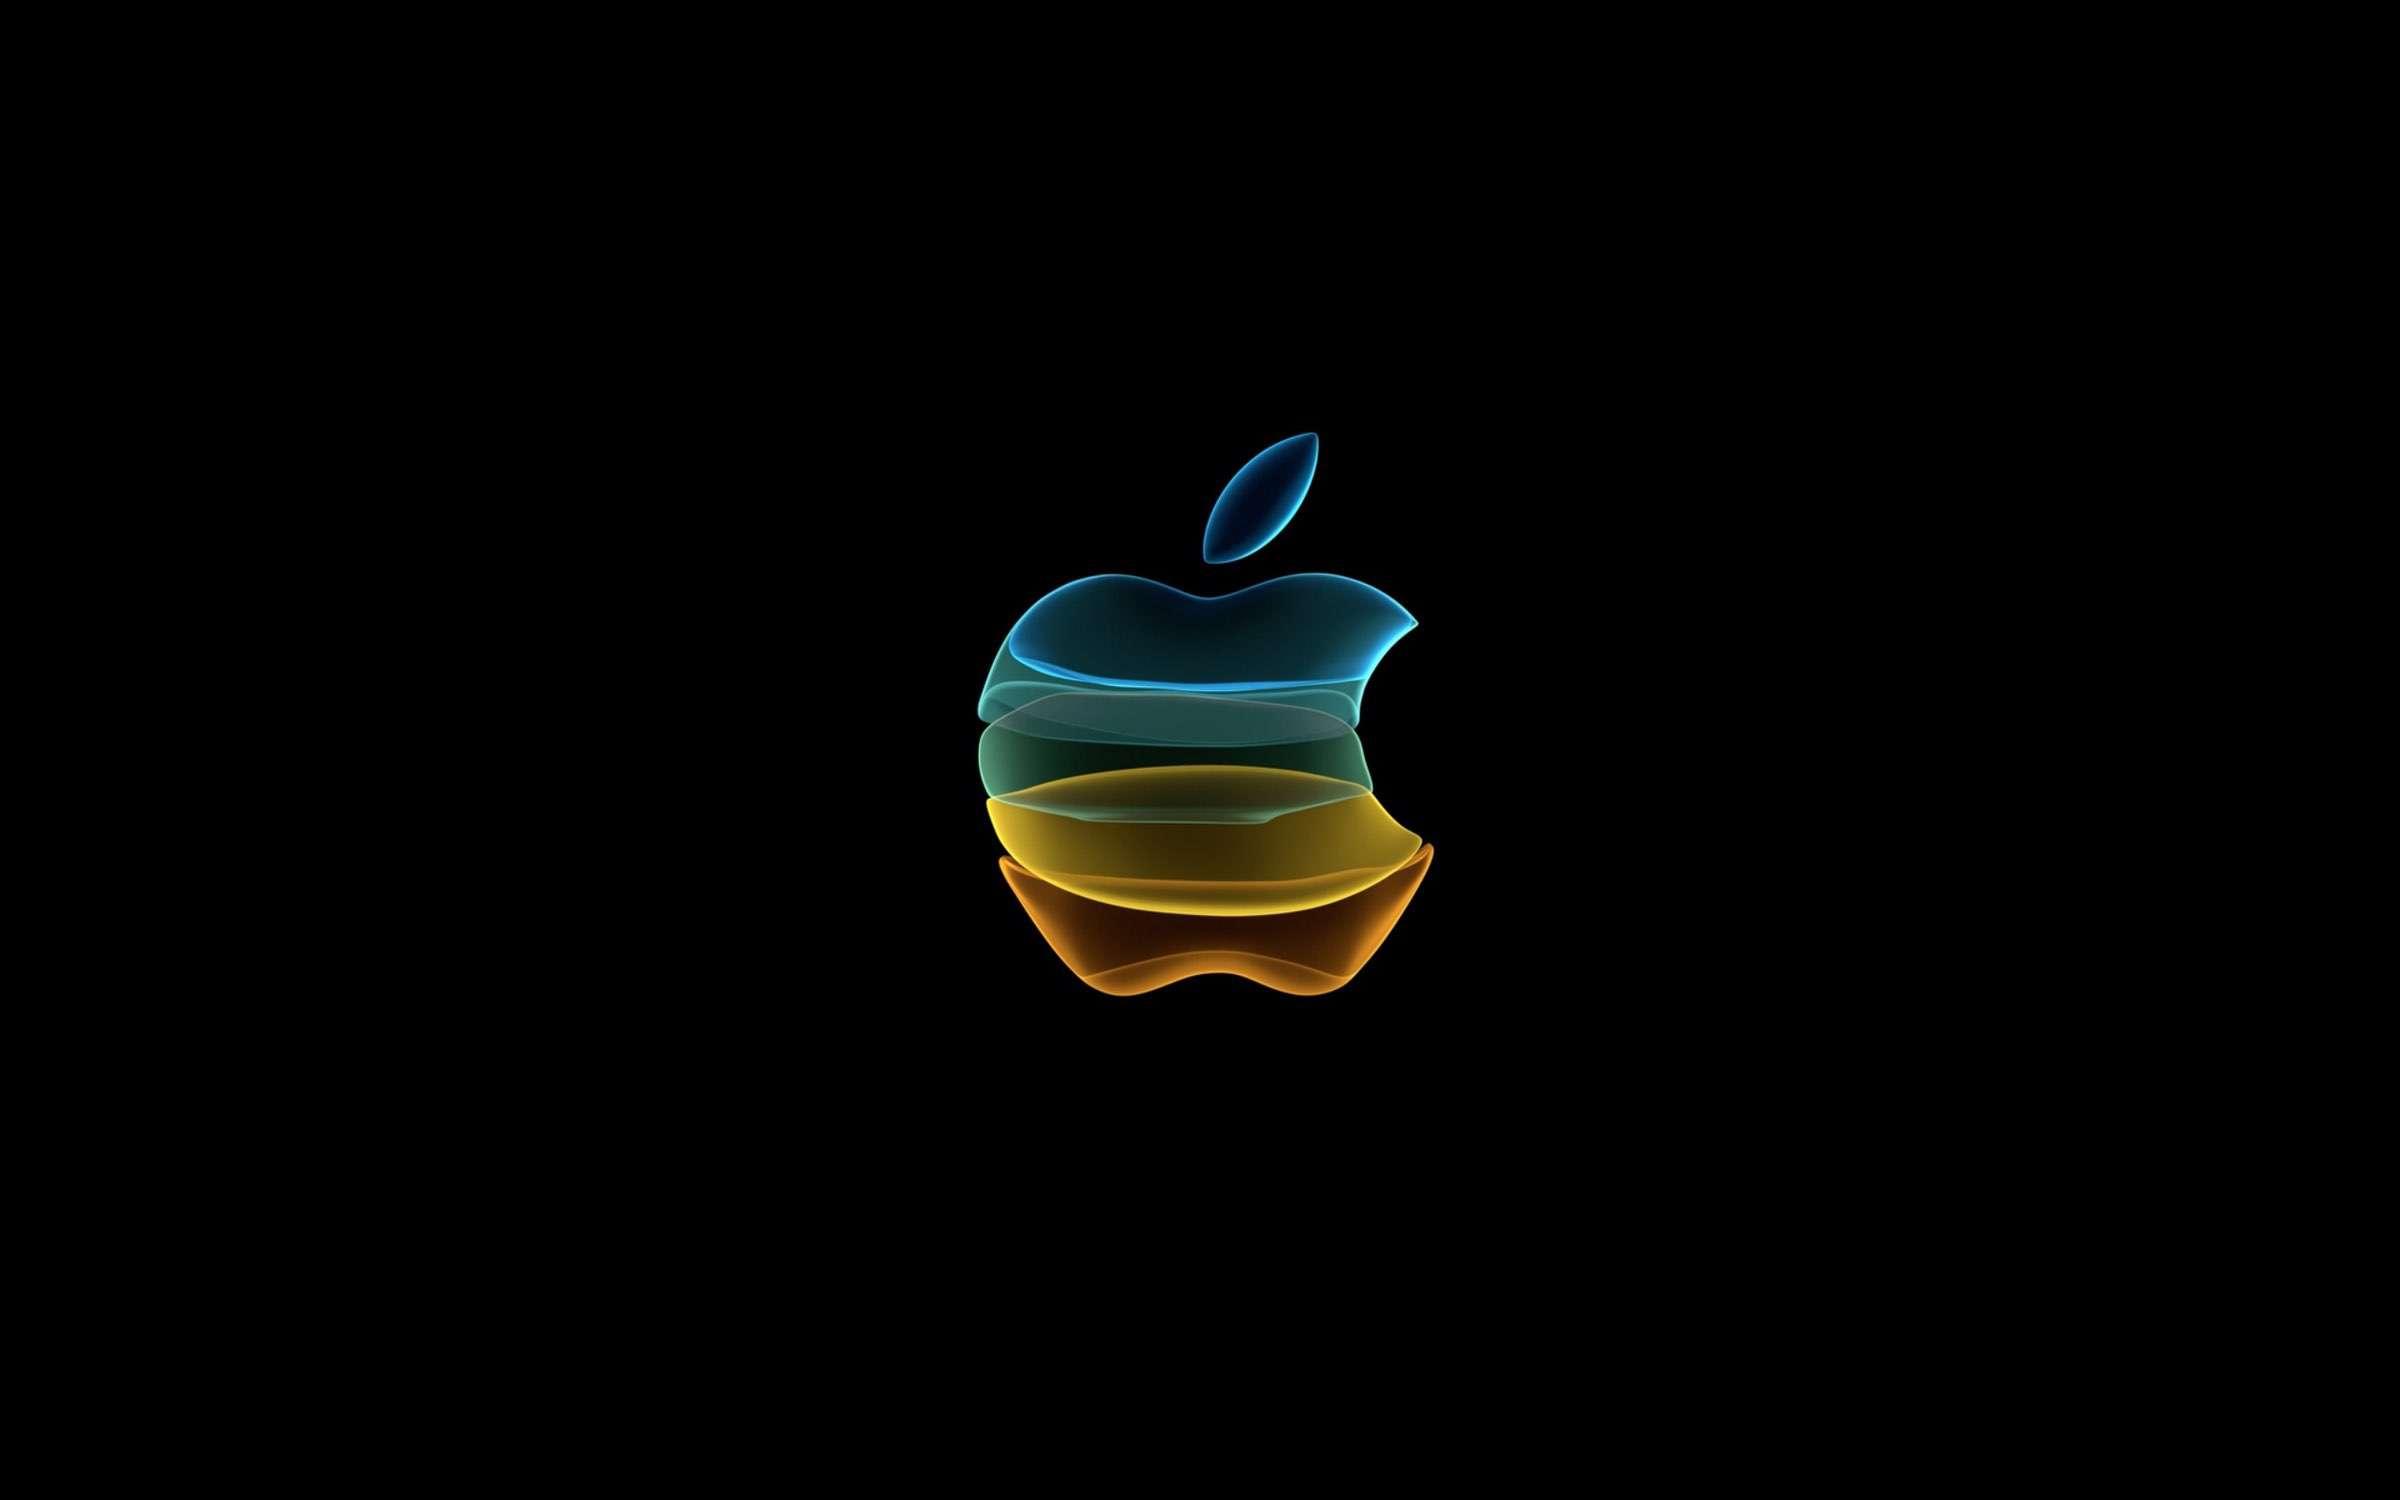 Apple Keynote 2019: Neue iPhones, neues iPad und Apple Watch Series 5 vorgestellt